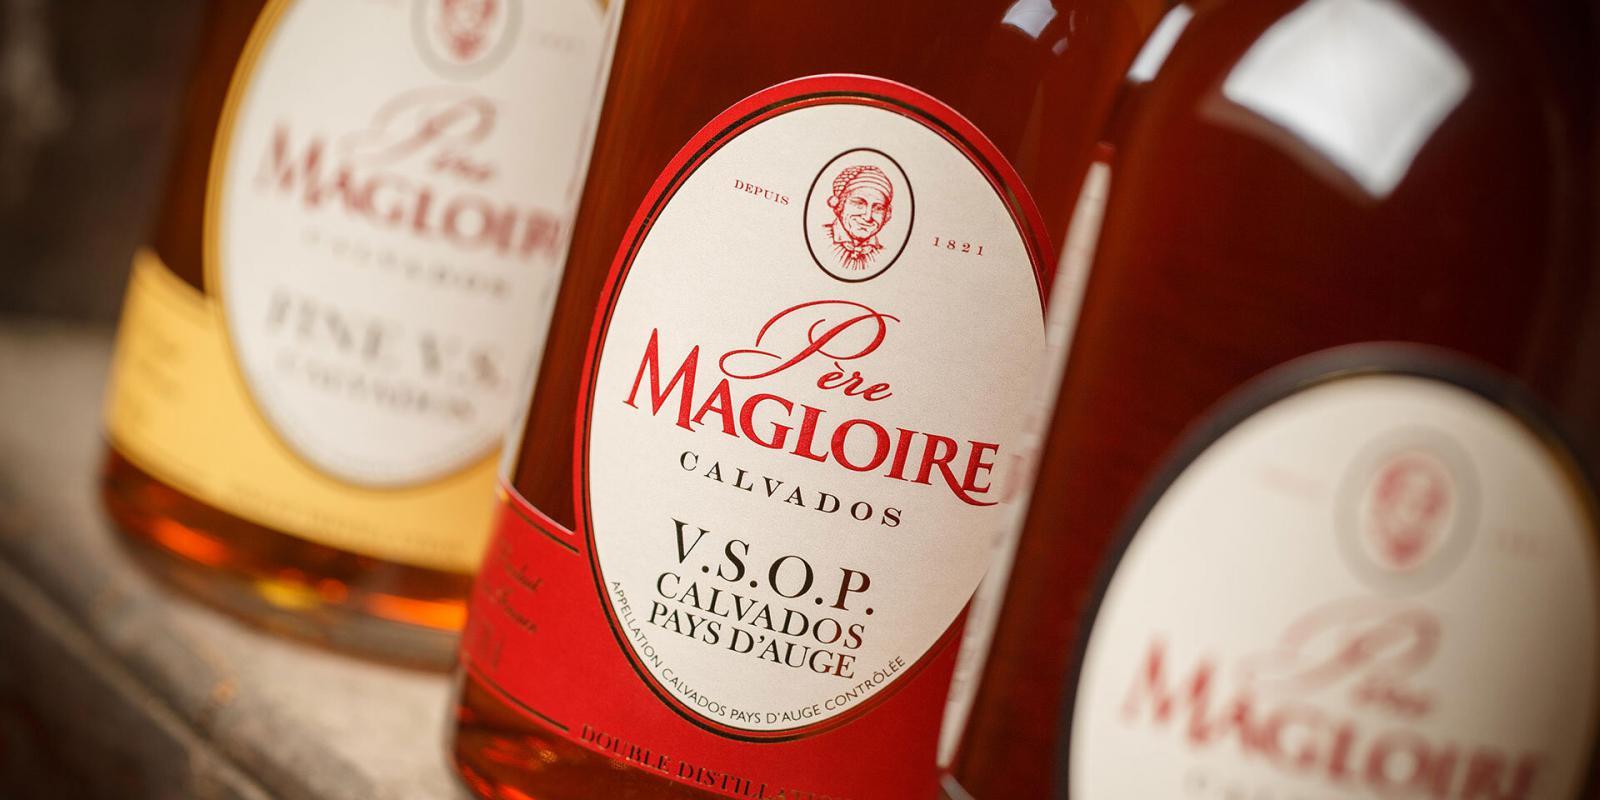 Image représentant le produit Calvados Père-Magloire v.s.o.p en grand format, pour mieux voir le produit.